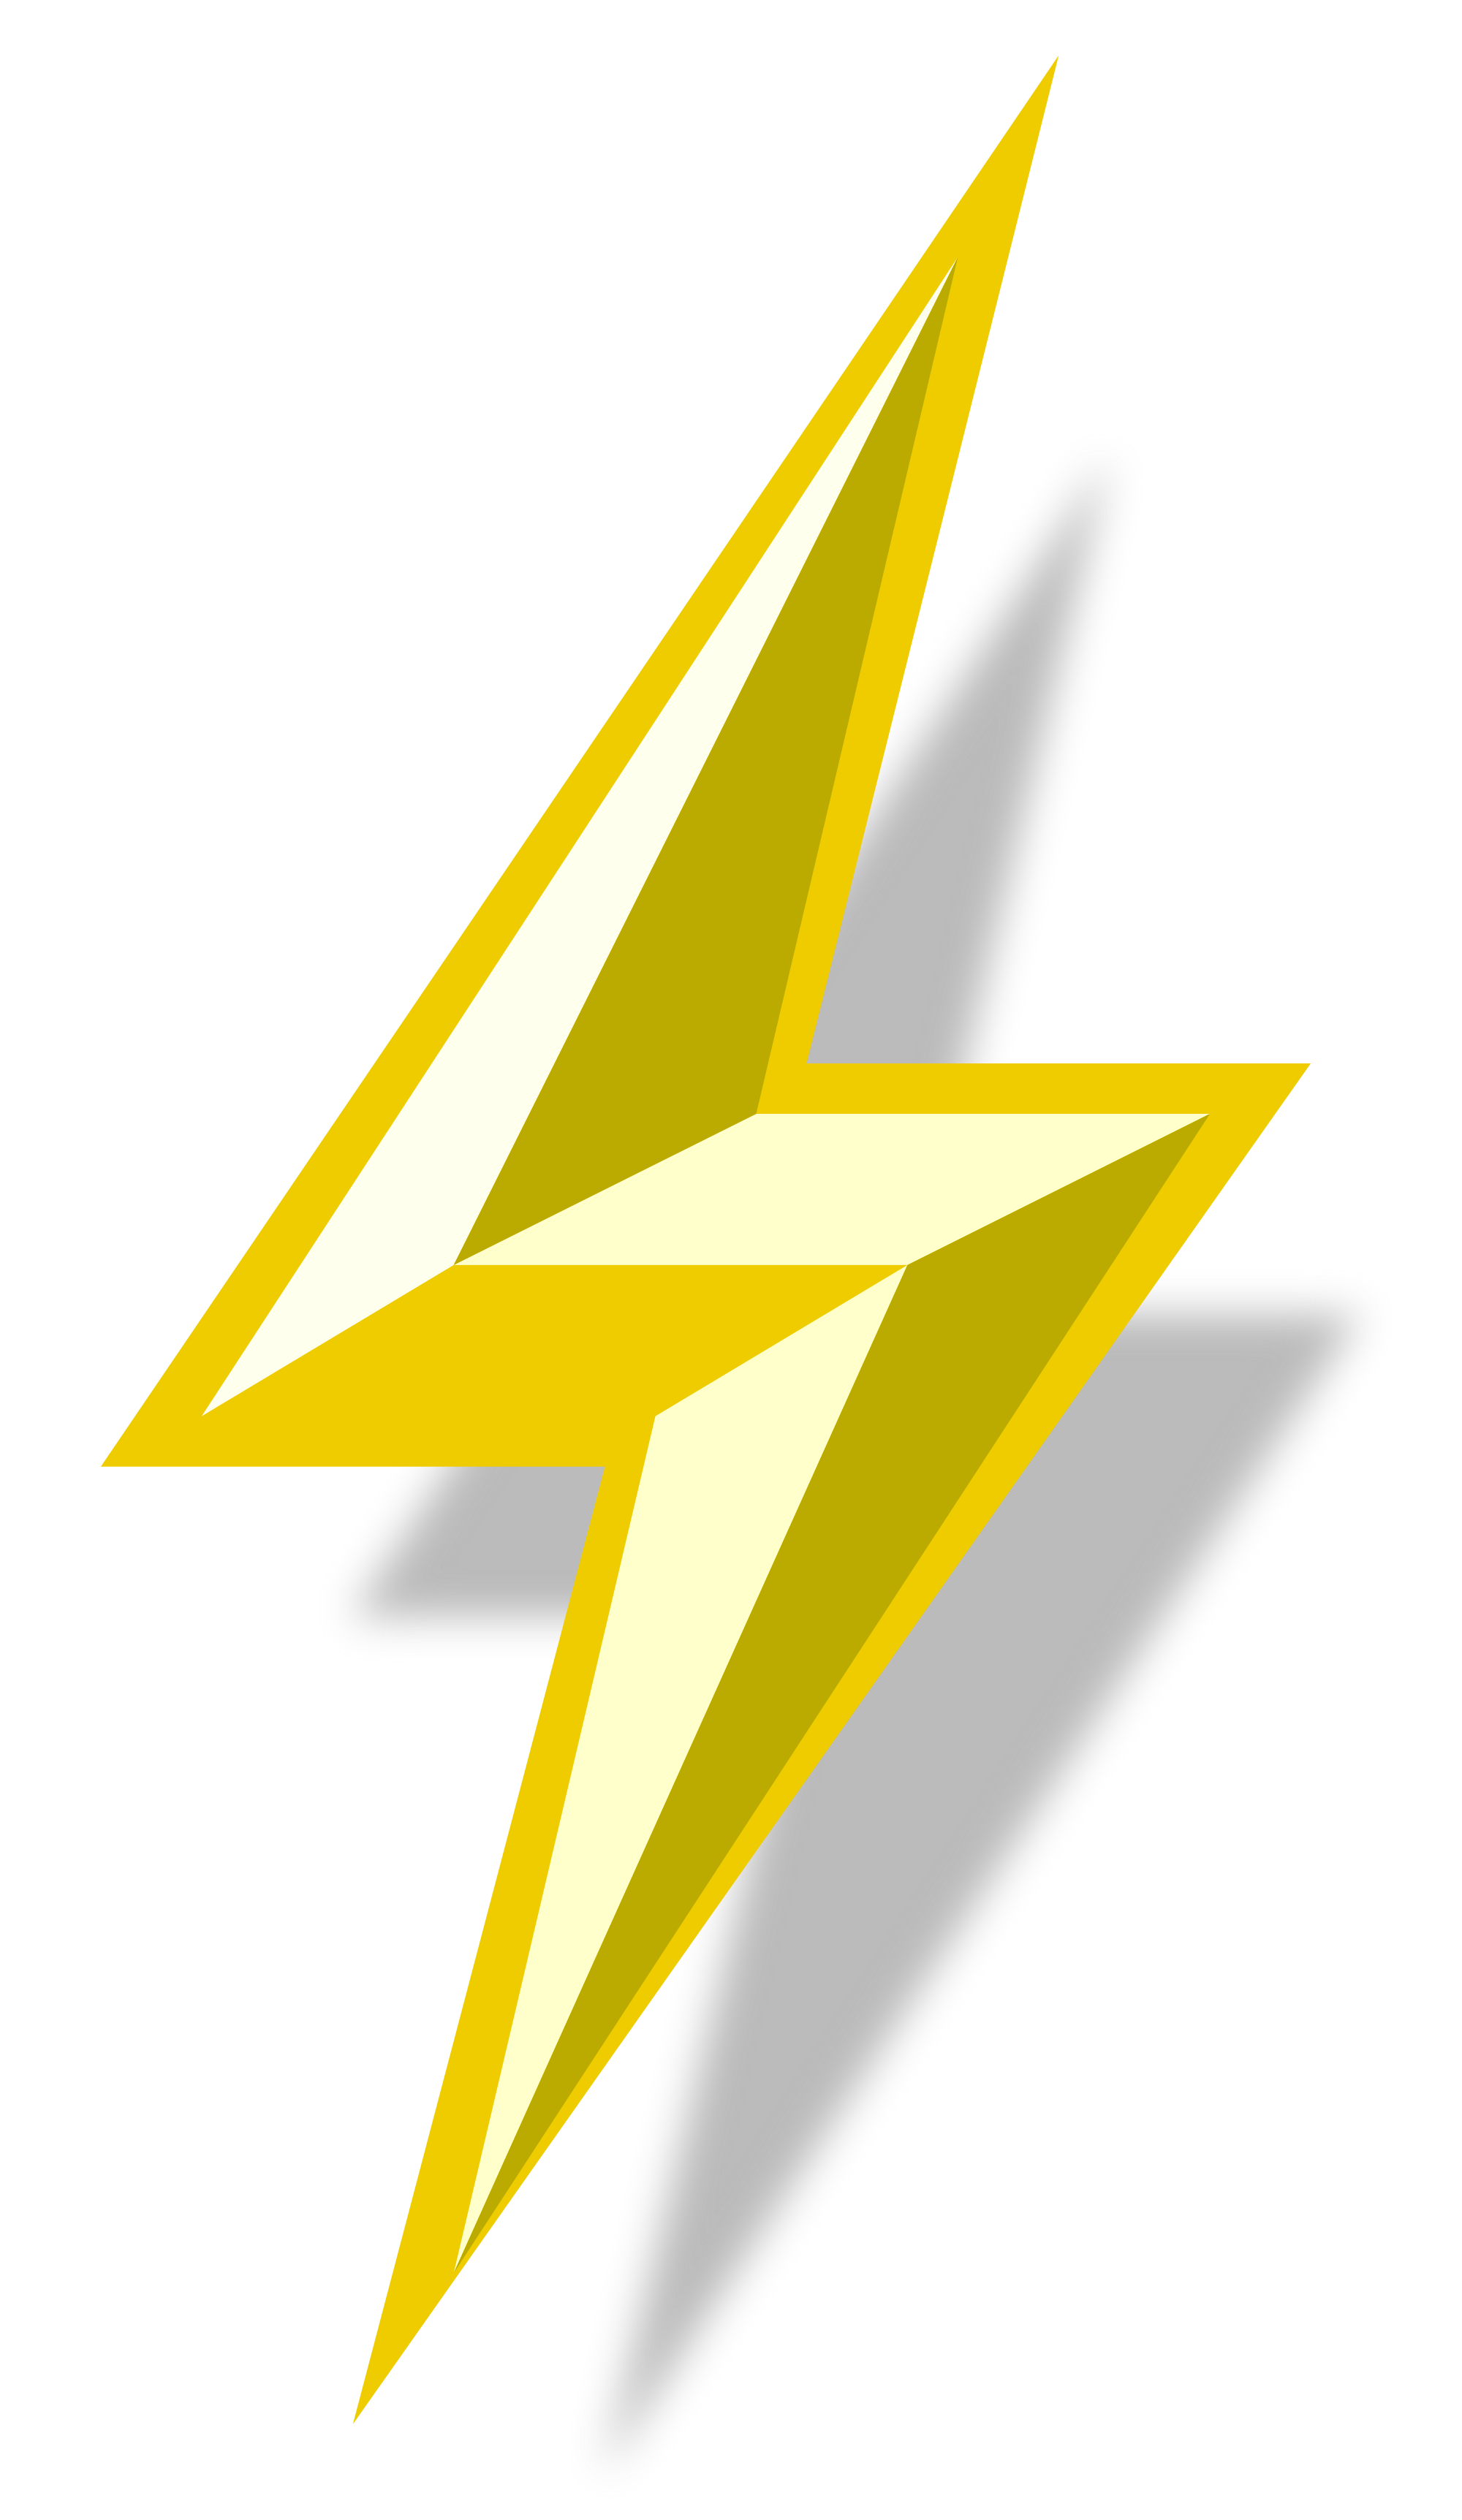 Pop Culture Geek Stuff Lightning Bolt Circle Design ...   Lightning Bolt Design